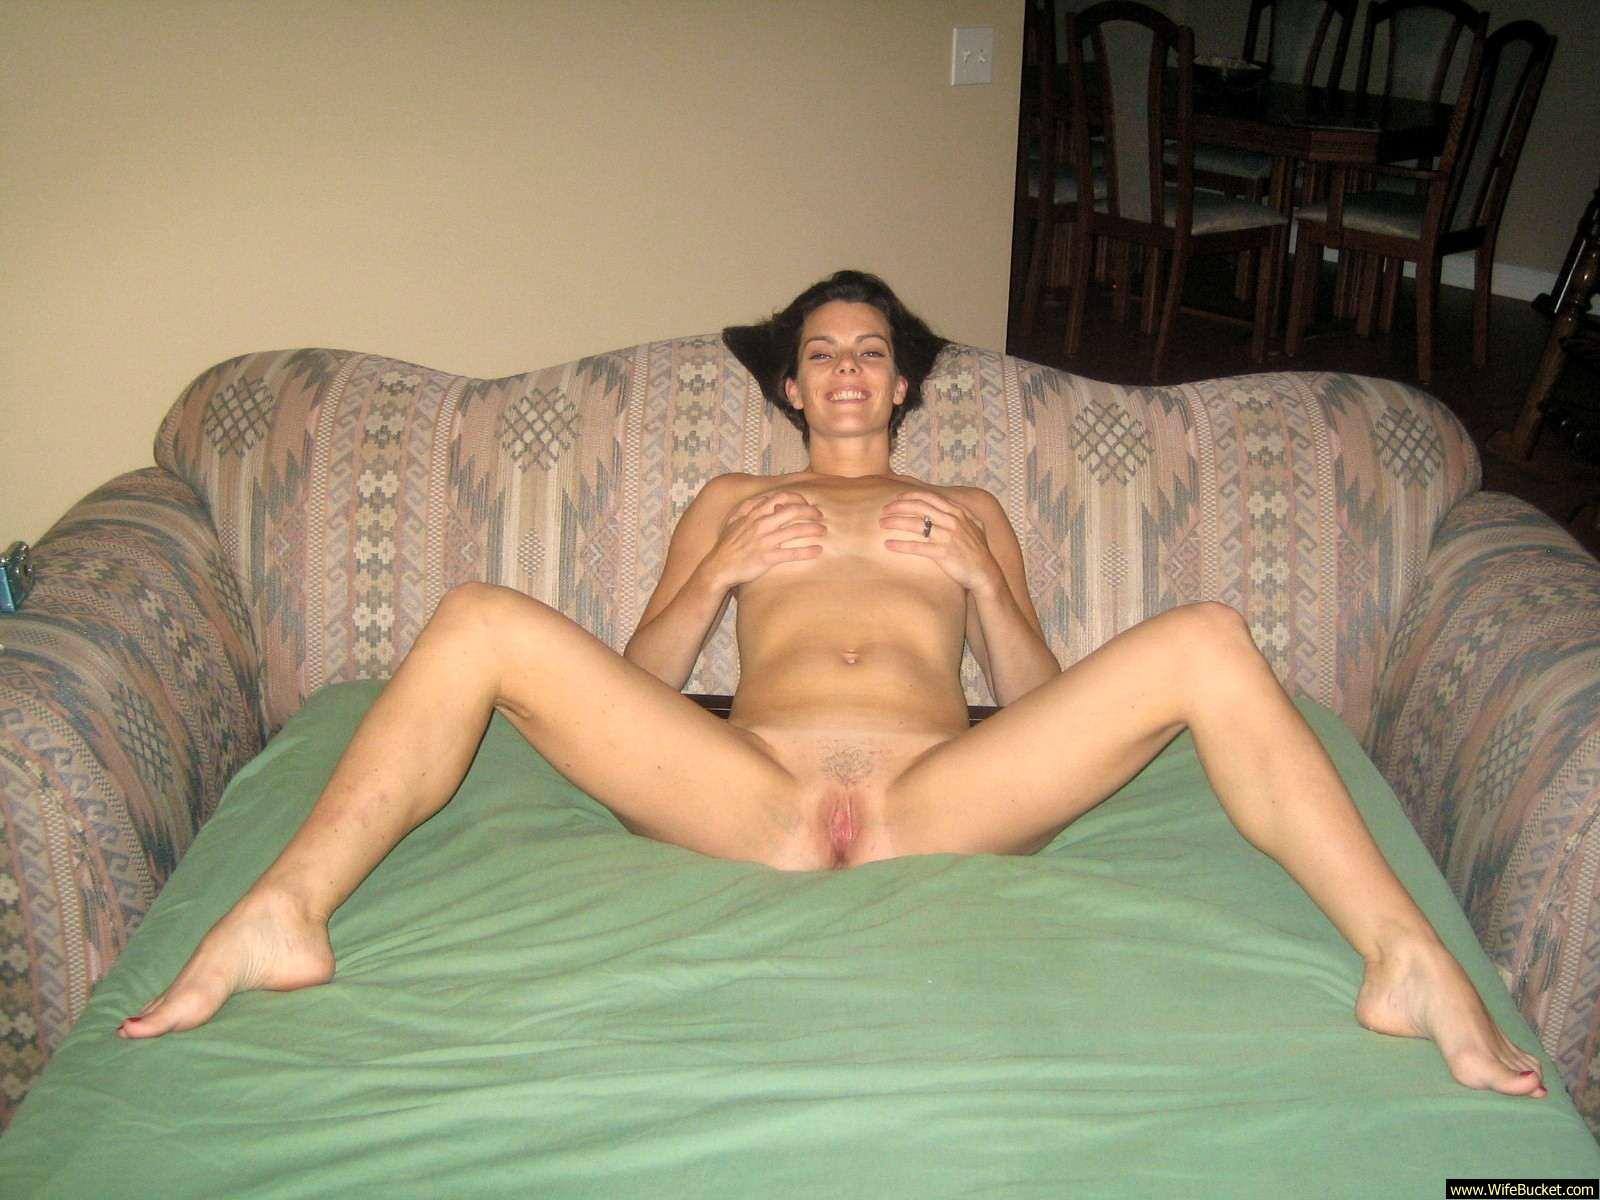 Belgium sexy nude photos